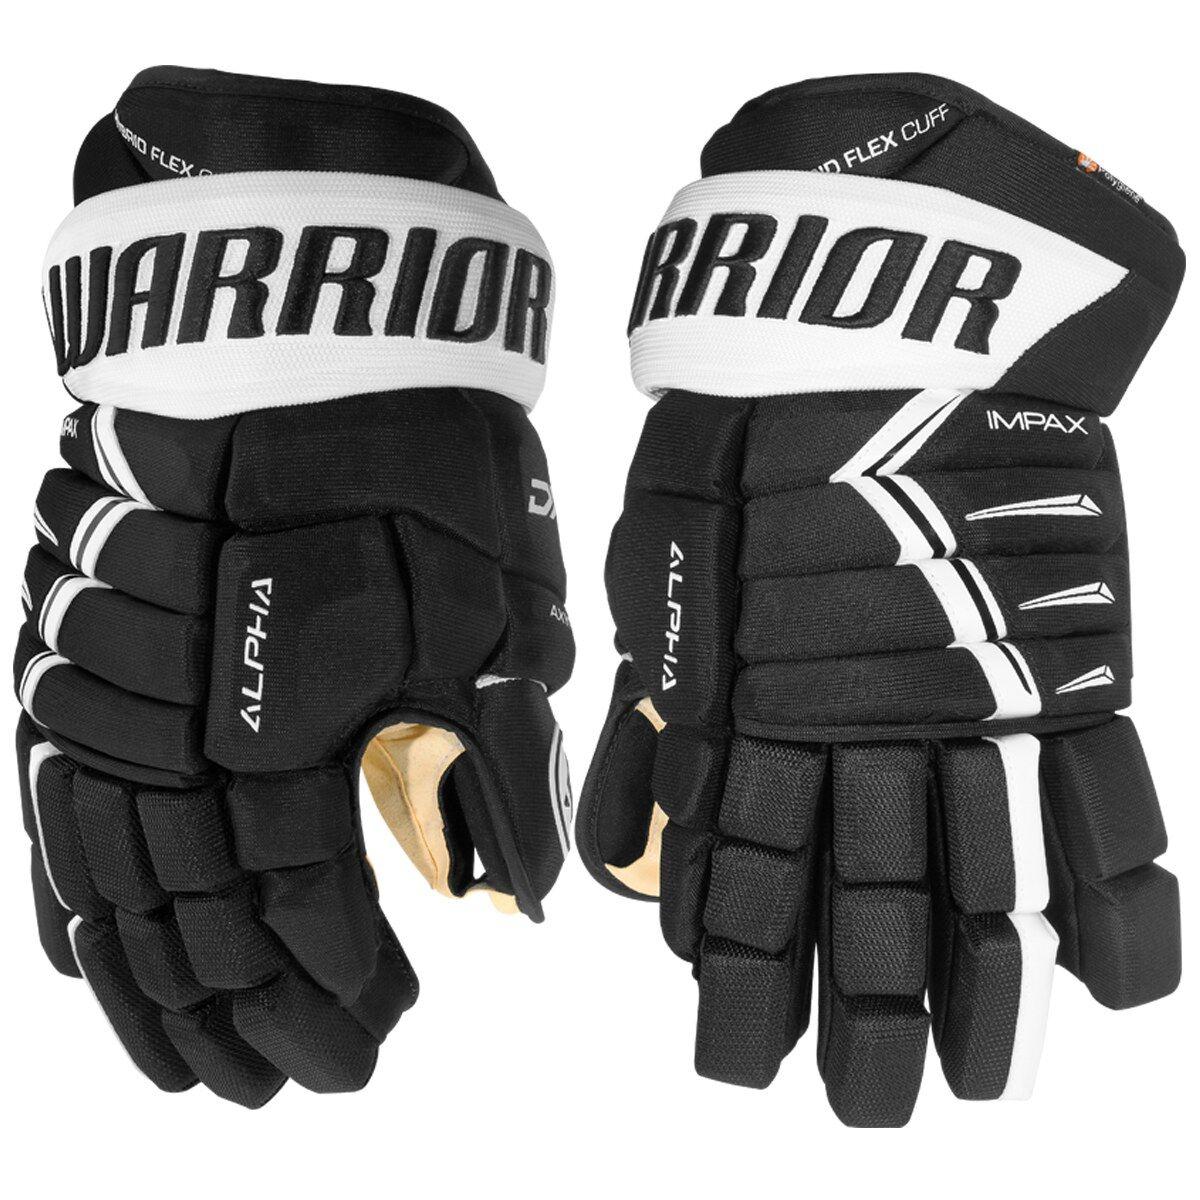 Warrior Alpha DX Pro SR jääkiekkohanskat